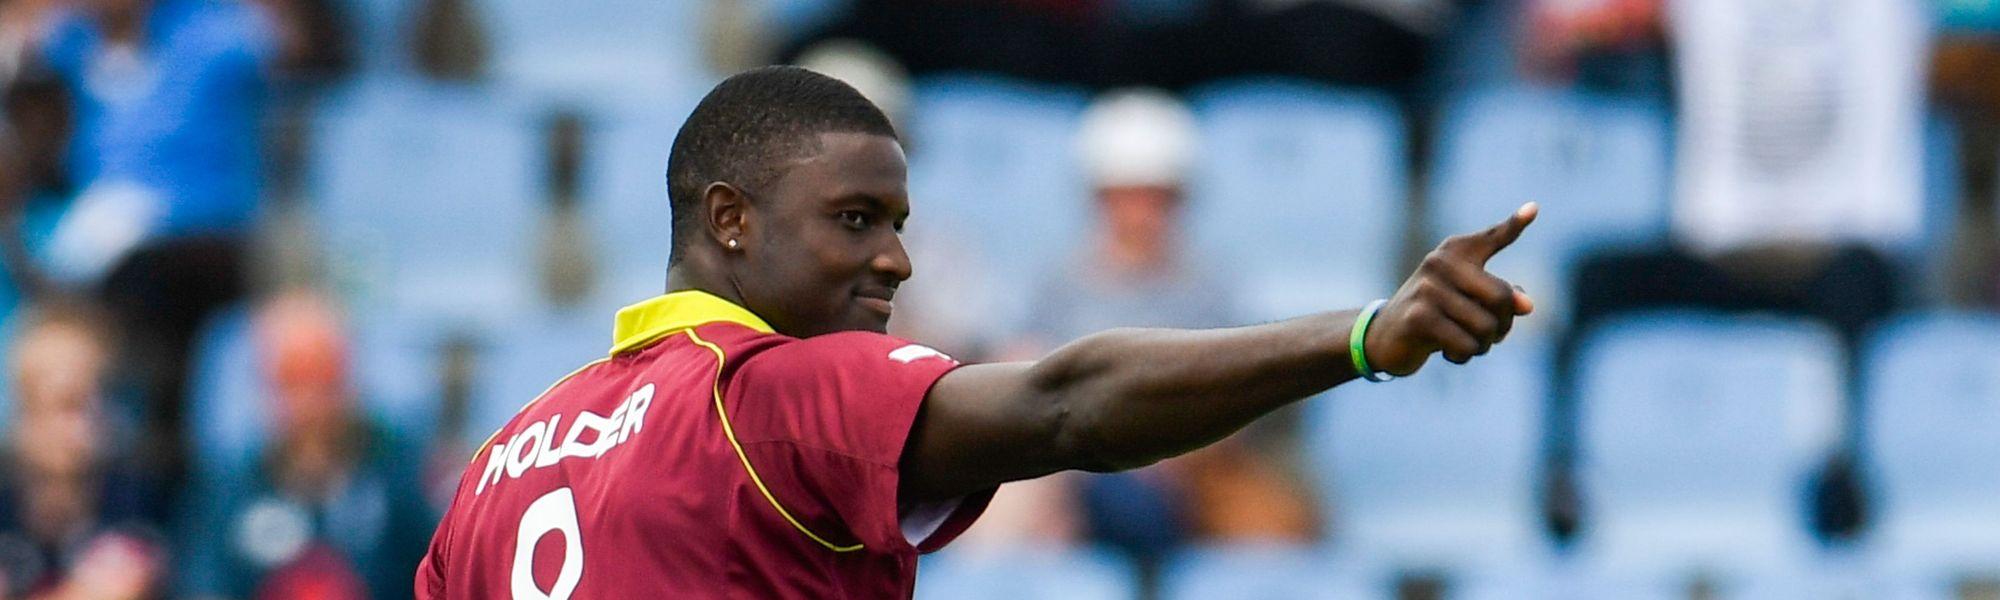 Holder - West Indies